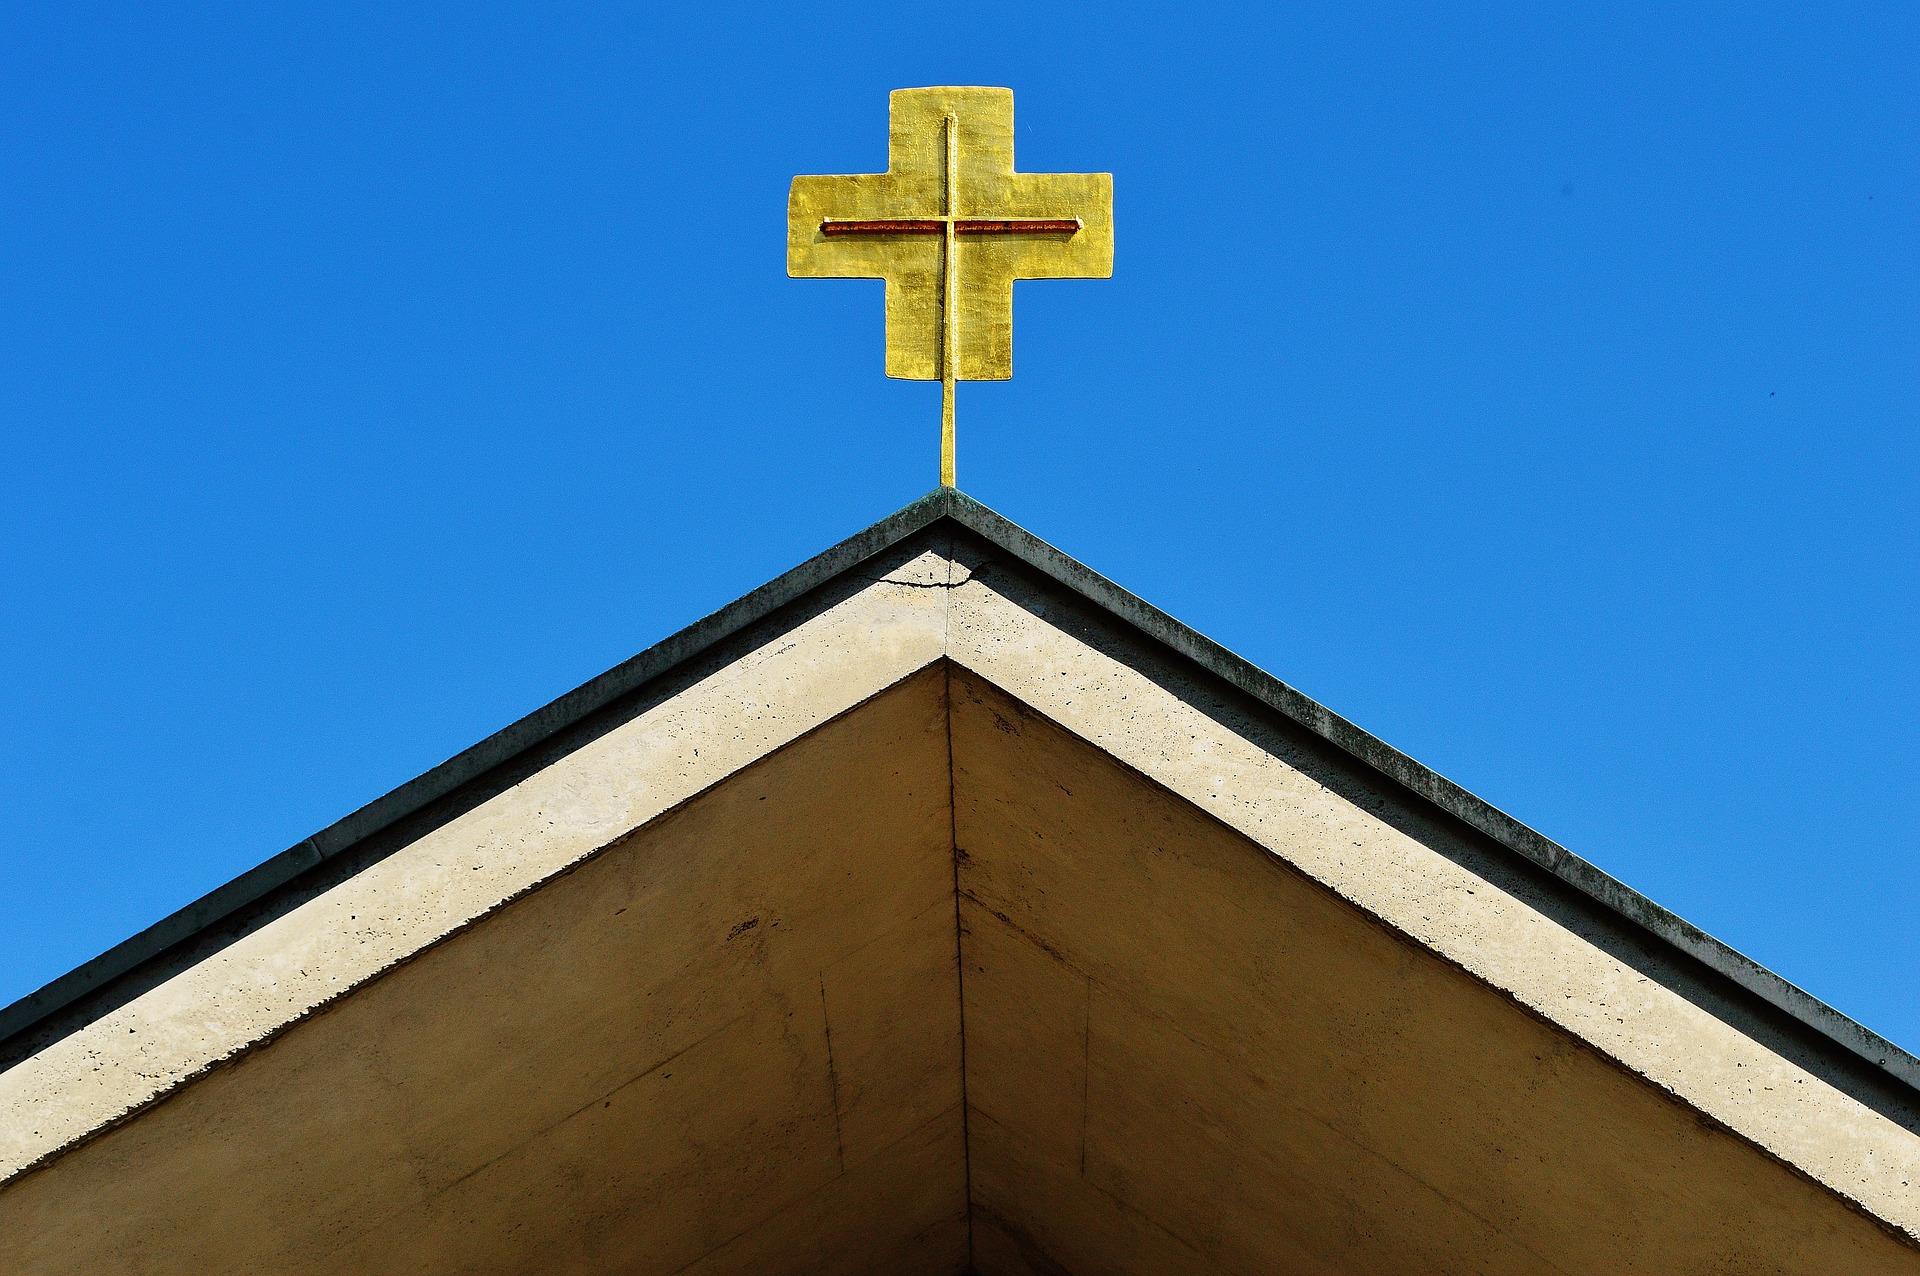 Gdy na konklawe zostaje wybrany nowy papież , zamienia się on w osobę publiczną dla całego świata i wiele informacji na jego temat jest powszechnie znanych. Dlatego zapraszamy do sprawdzenia wiedzy o Kościele i papieżach!